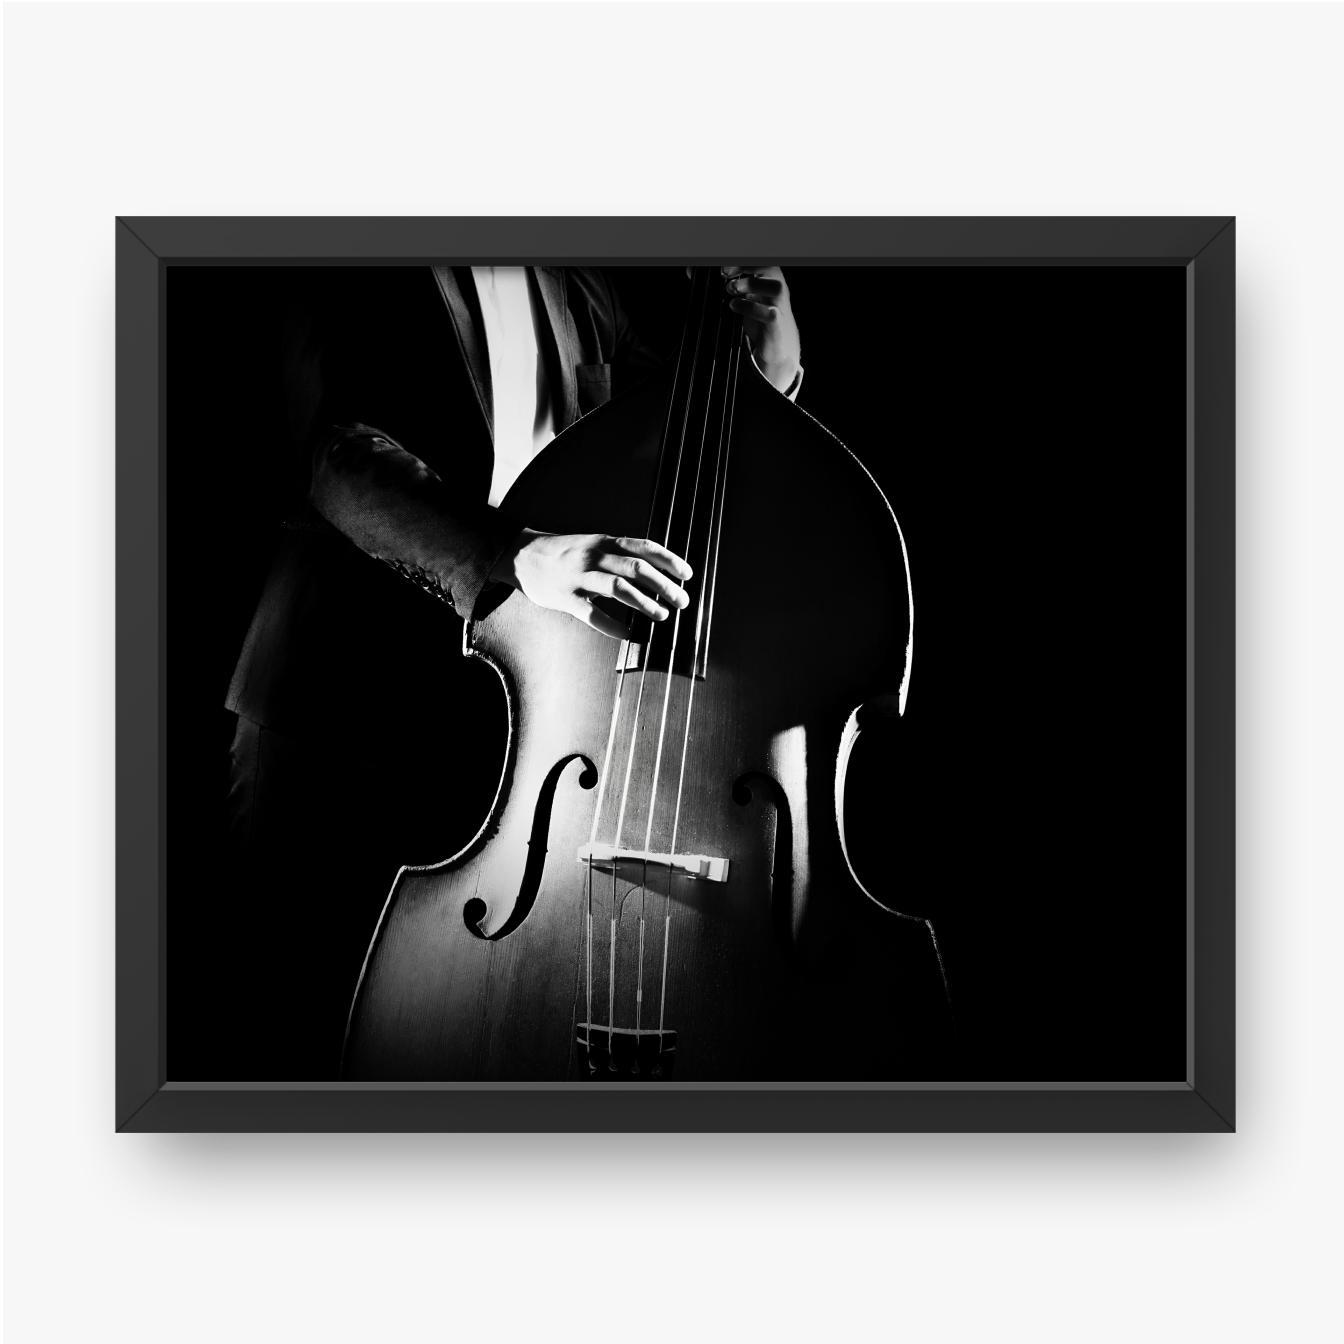 Musiker spielt auf Kontrabass